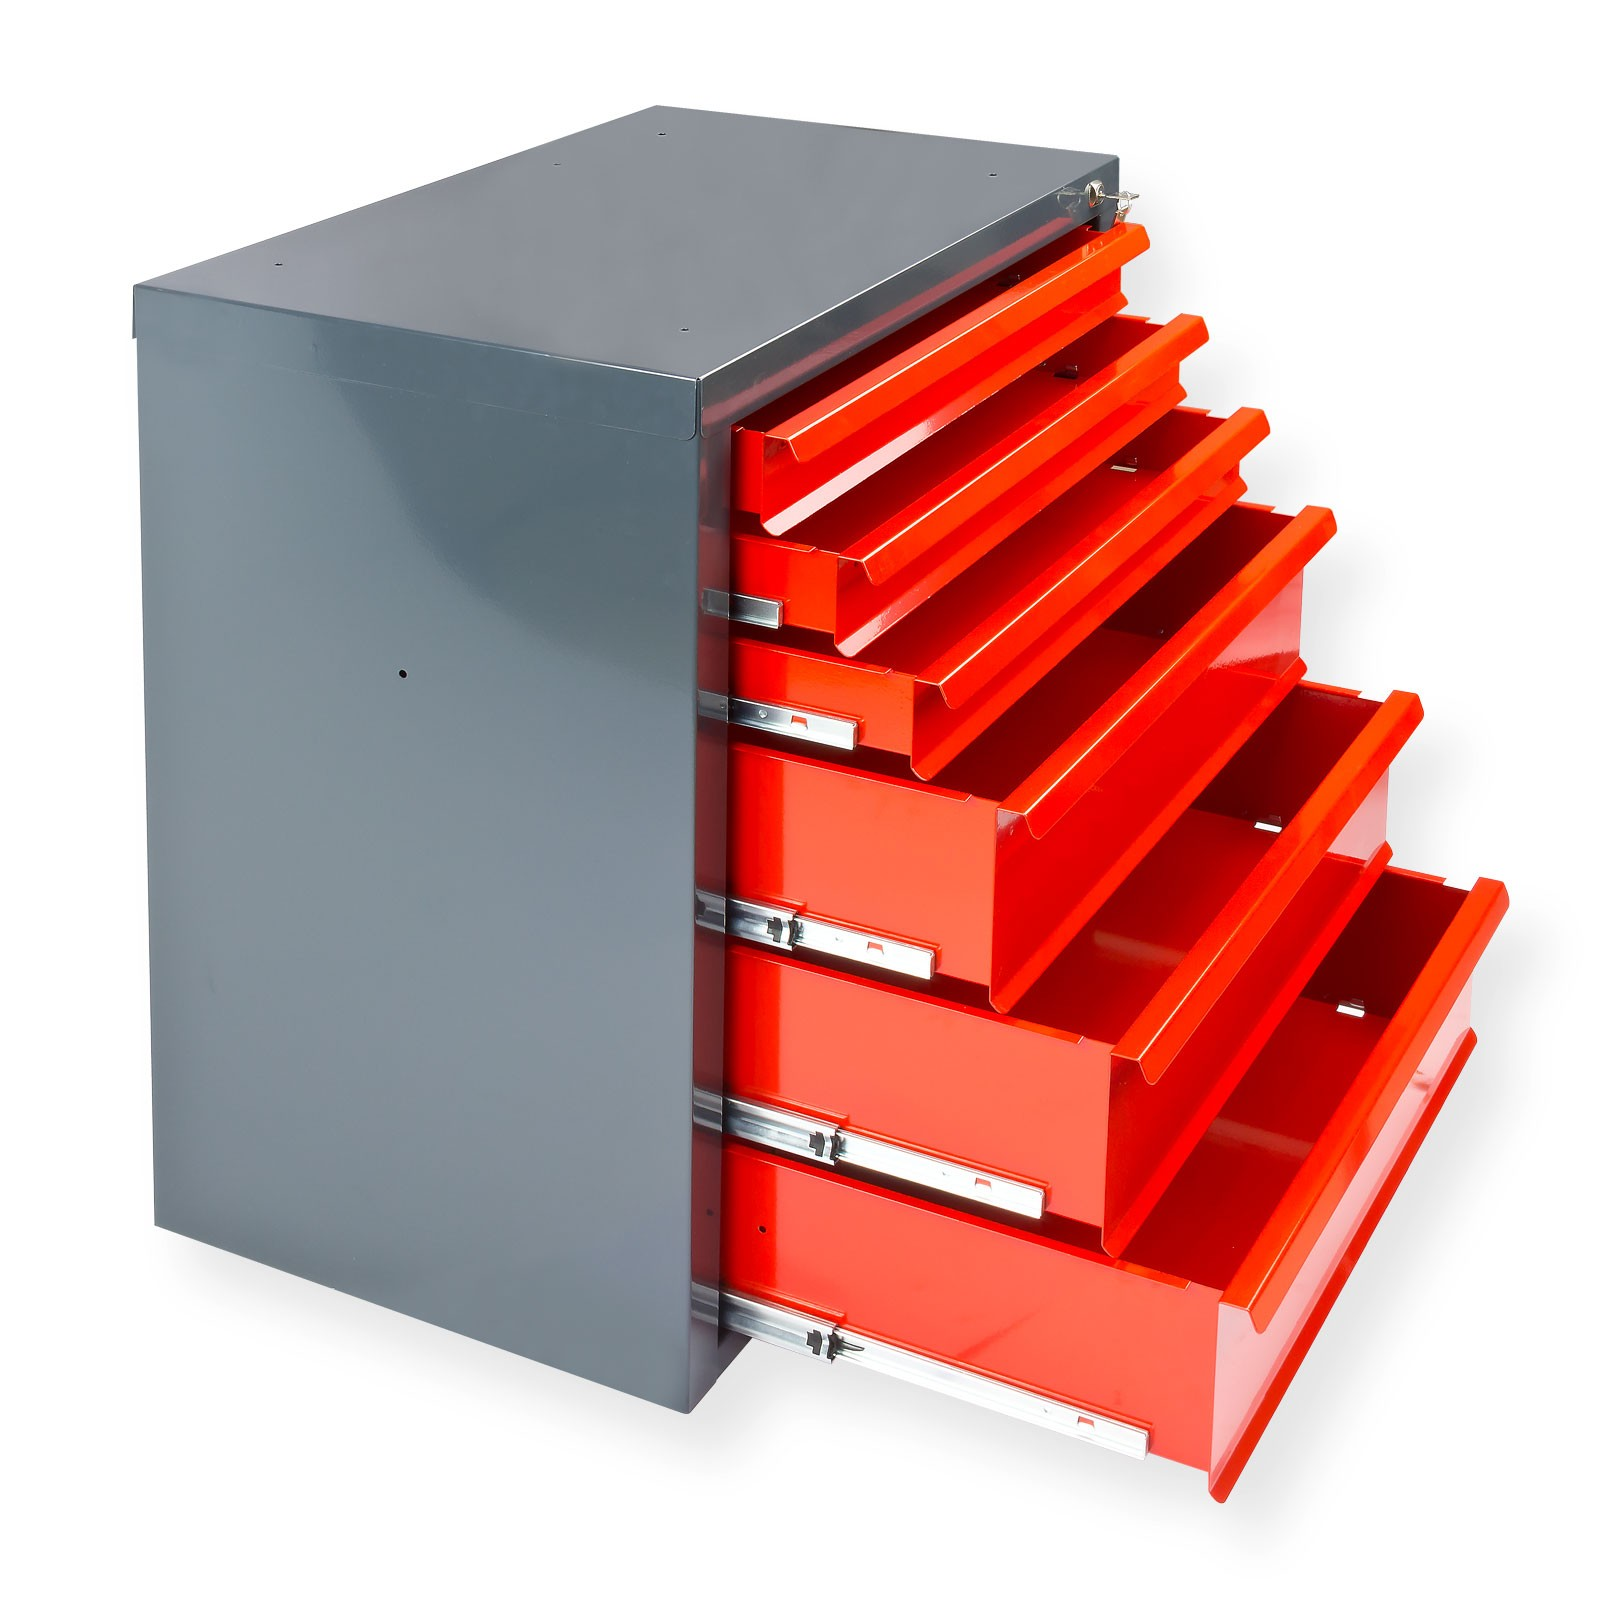 werkzeugschrank mit 6 schubladen g nstig kaufen kfz werkstattausr stung. Black Bedroom Furniture Sets. Home Design Ideas